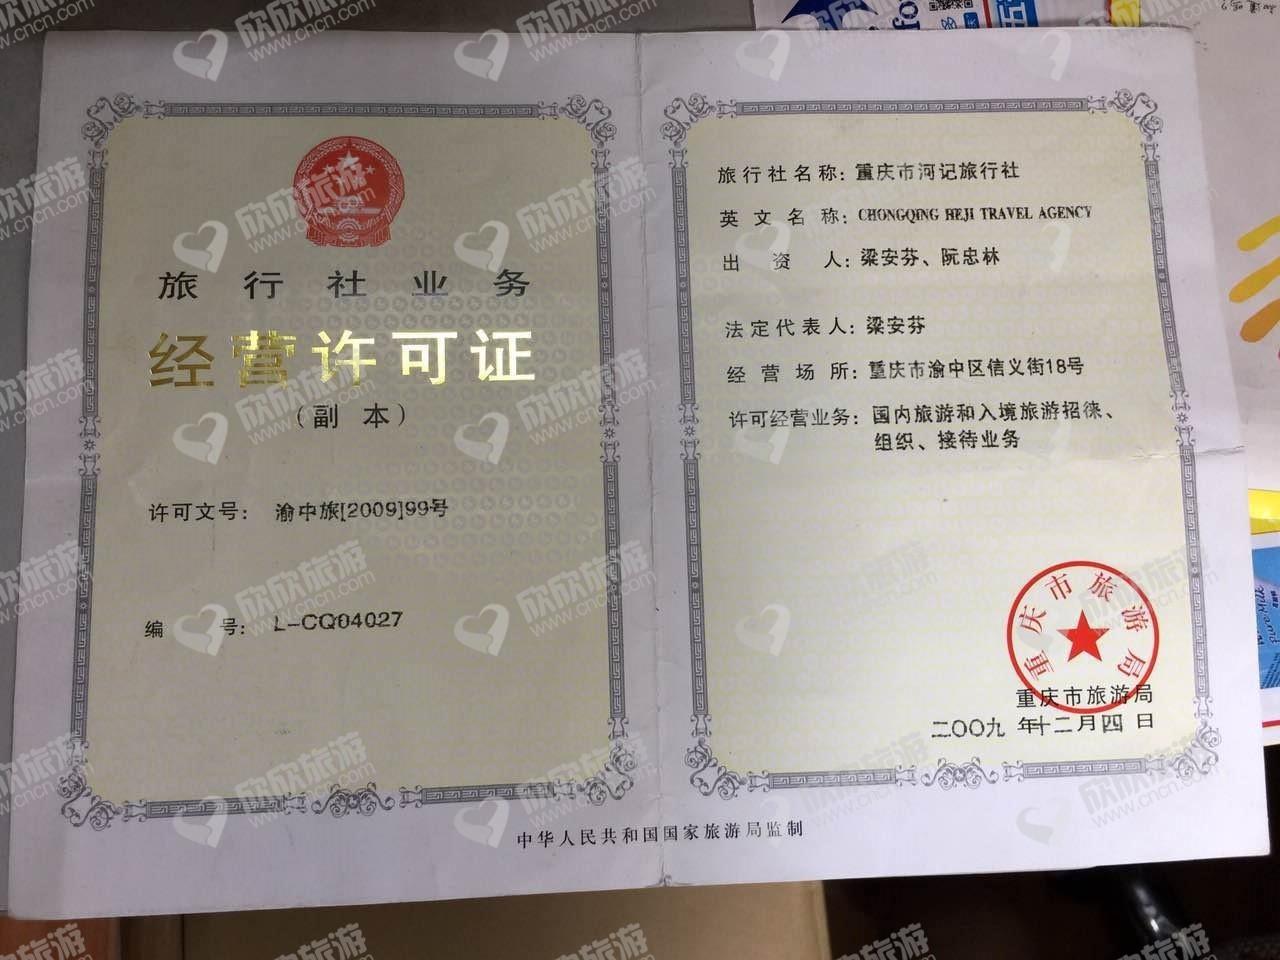 重庆河记旅行社经营许可证